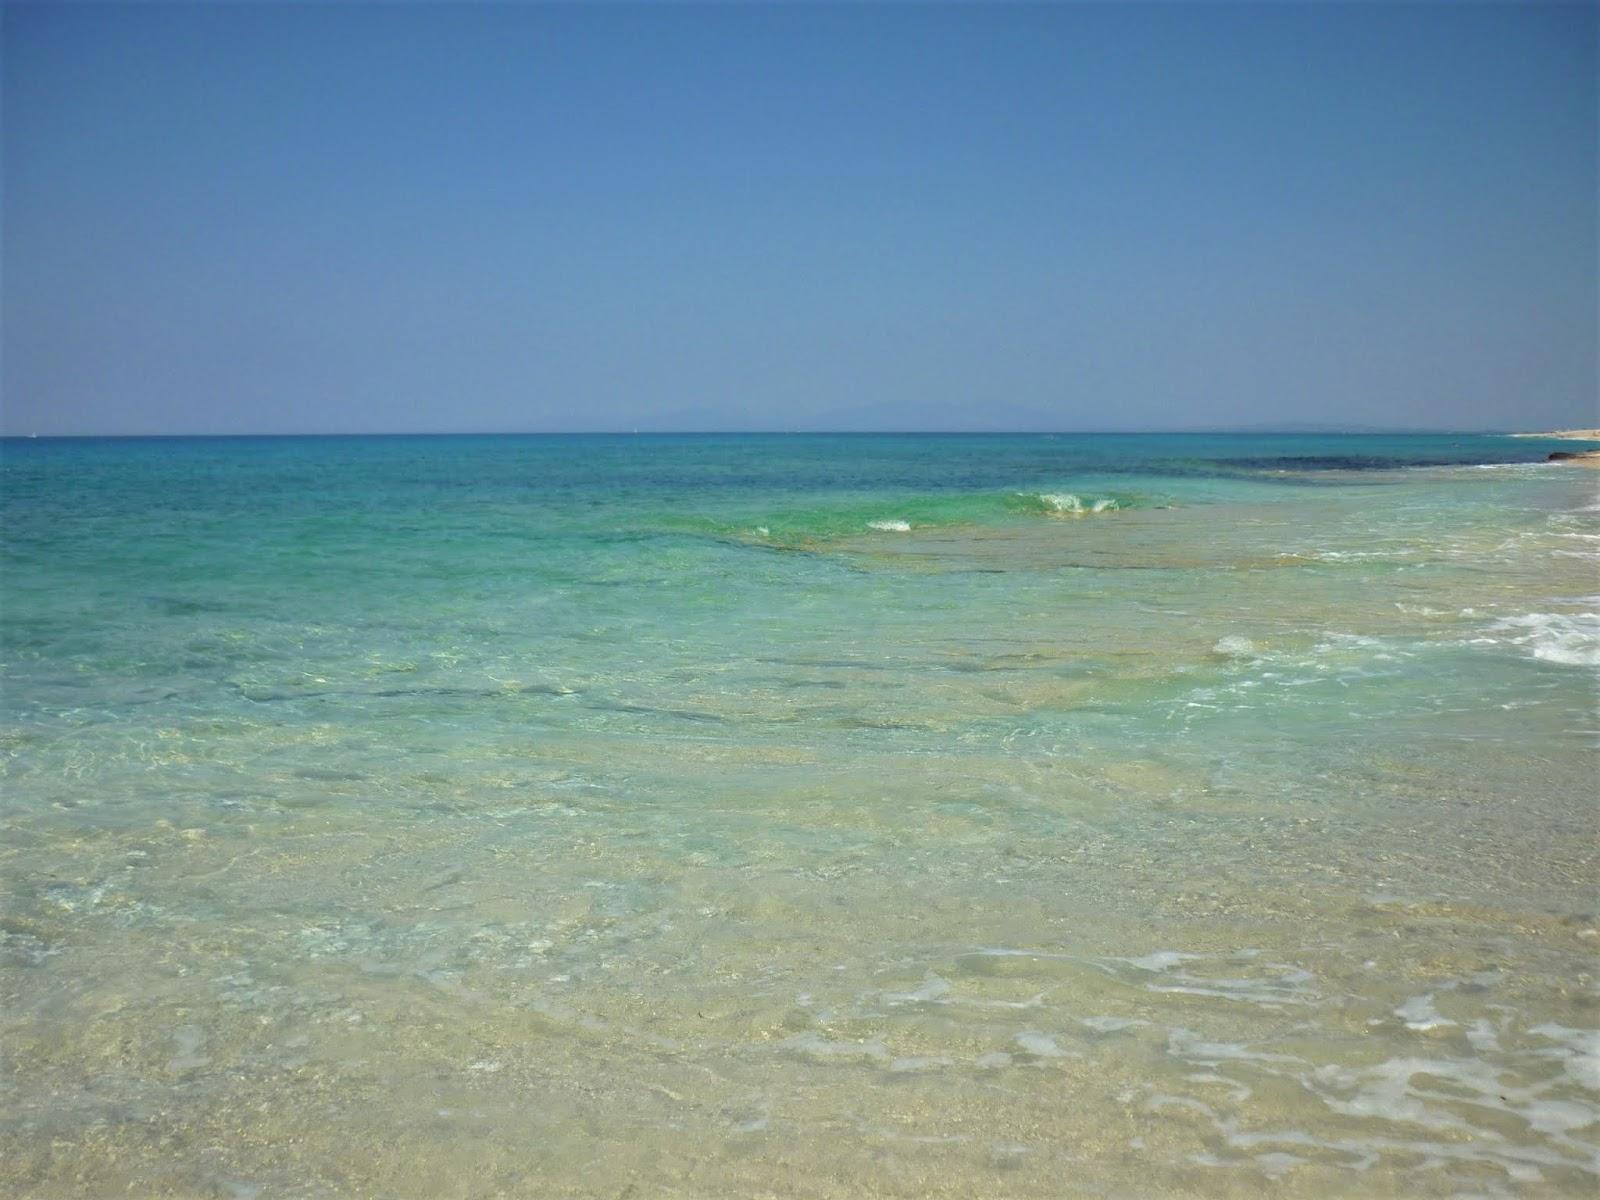 Mare turchese nelle isole ioniche